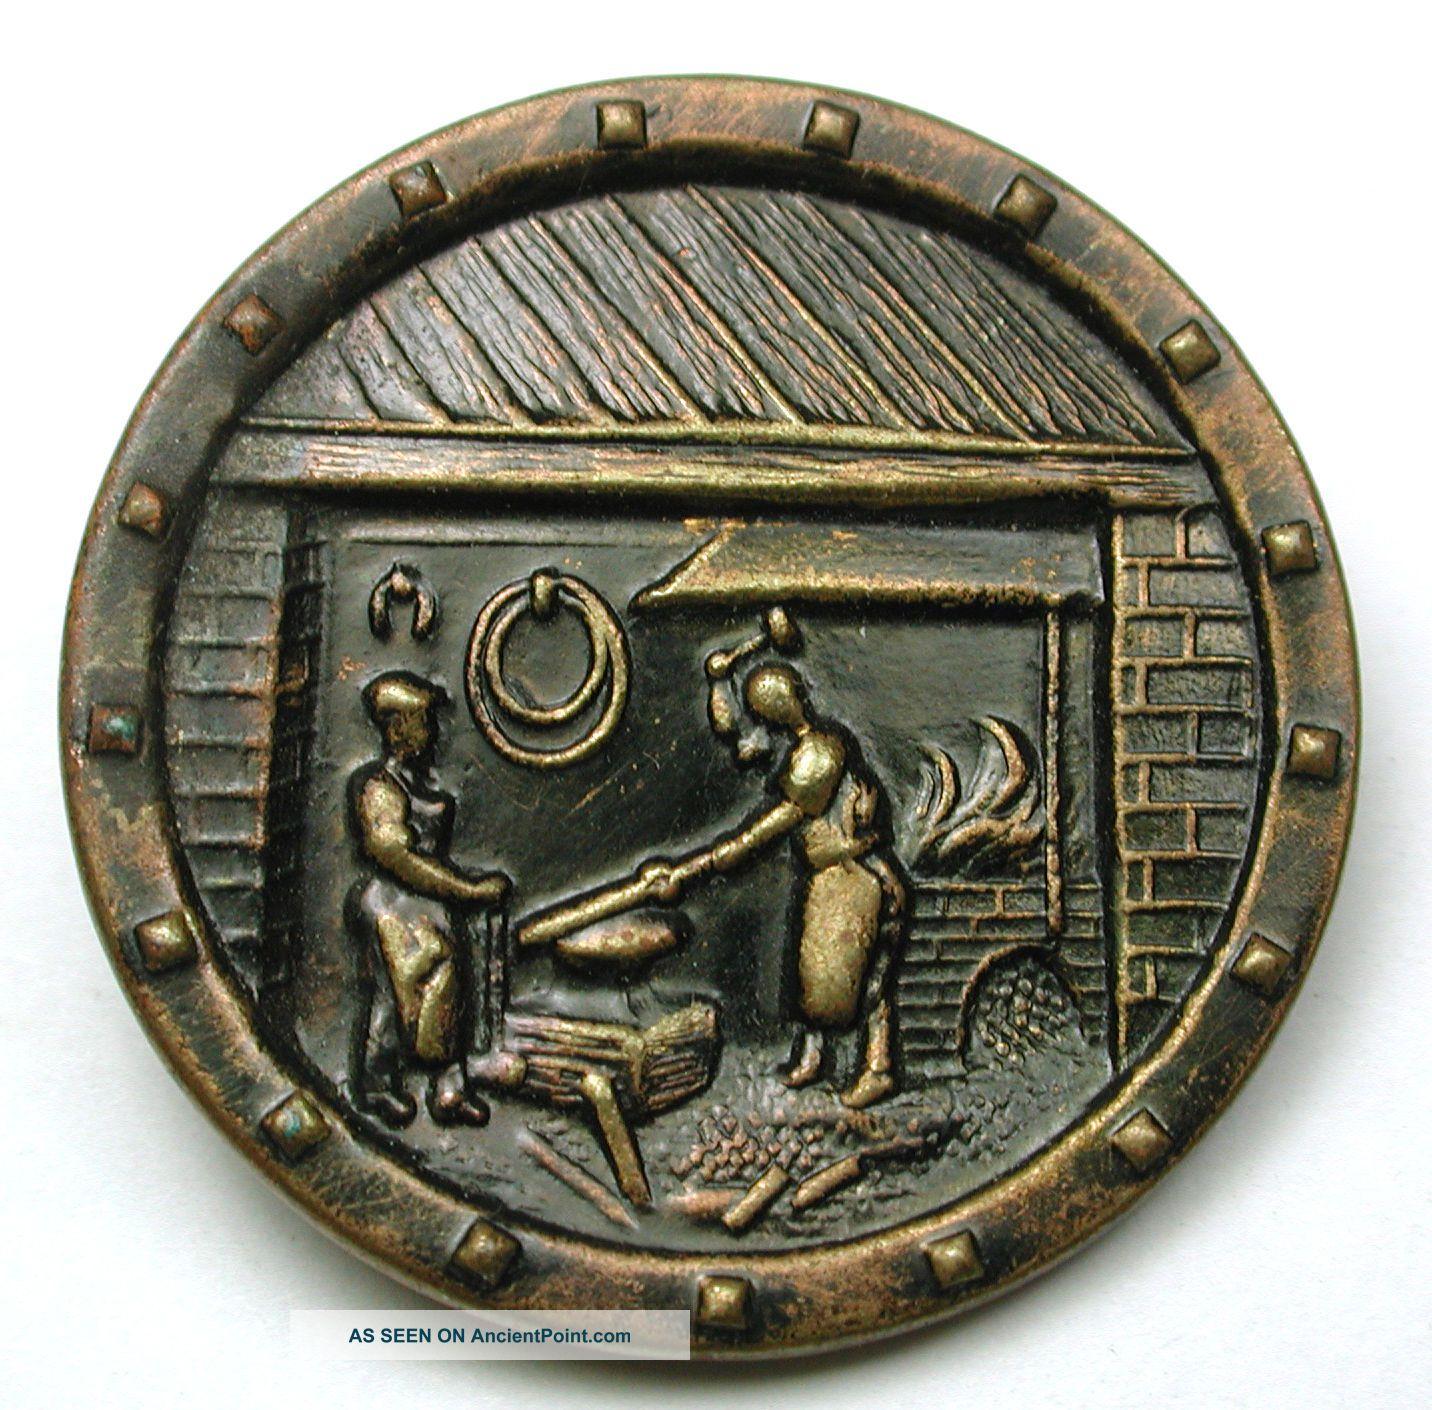 Antique Brass Button Black Smith At Work Pictorial Design - 1 & 3/16